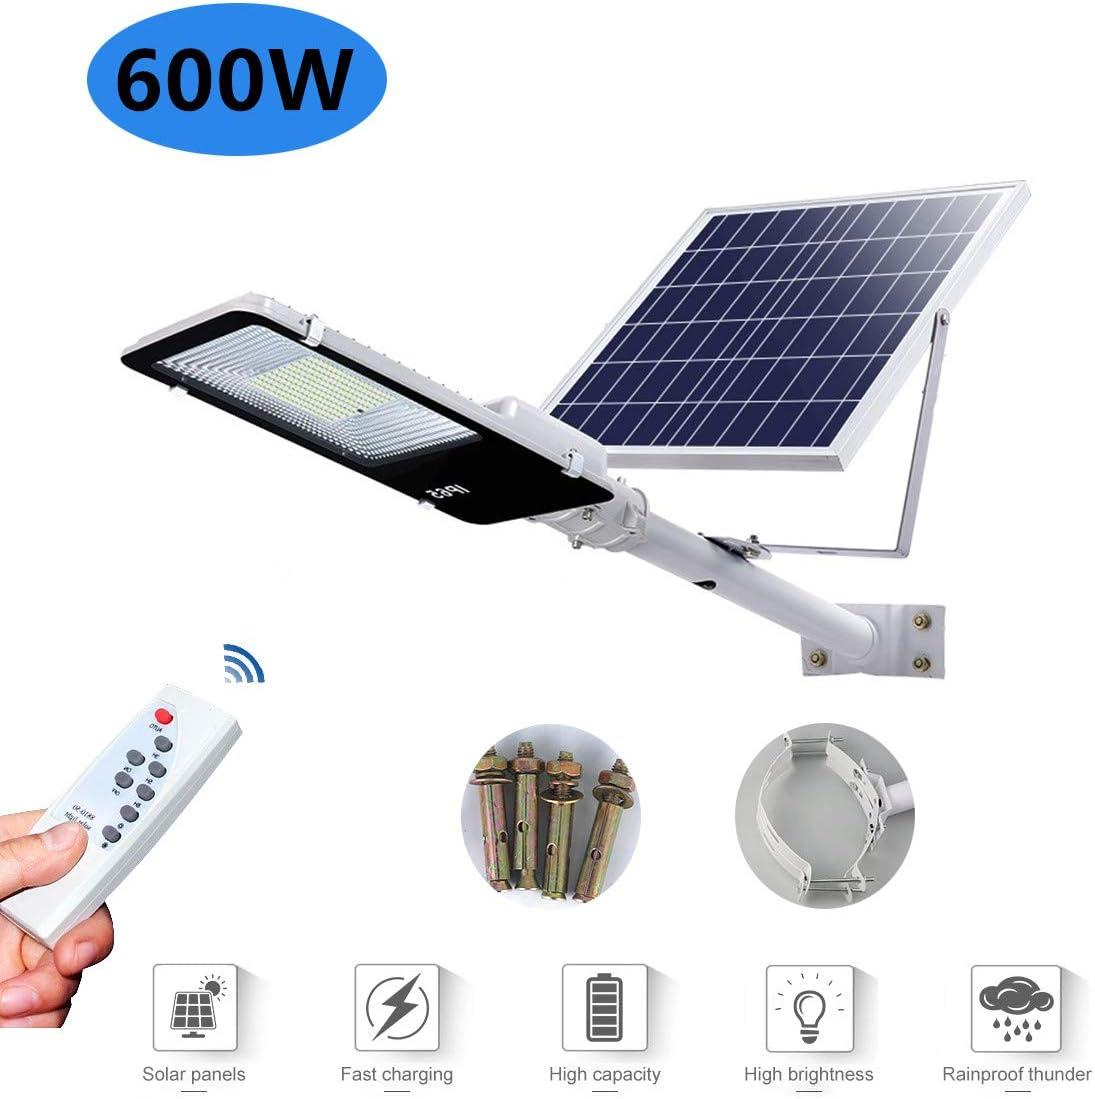 Luces de inundación solar Farola solar LED Brillo alto Luz de seguridad Con control remoto IP65 a prueba de agua Luz de jardín Lámpara de ingeniería Adecuado para Patio, Iluminación Solar Vial,400w: